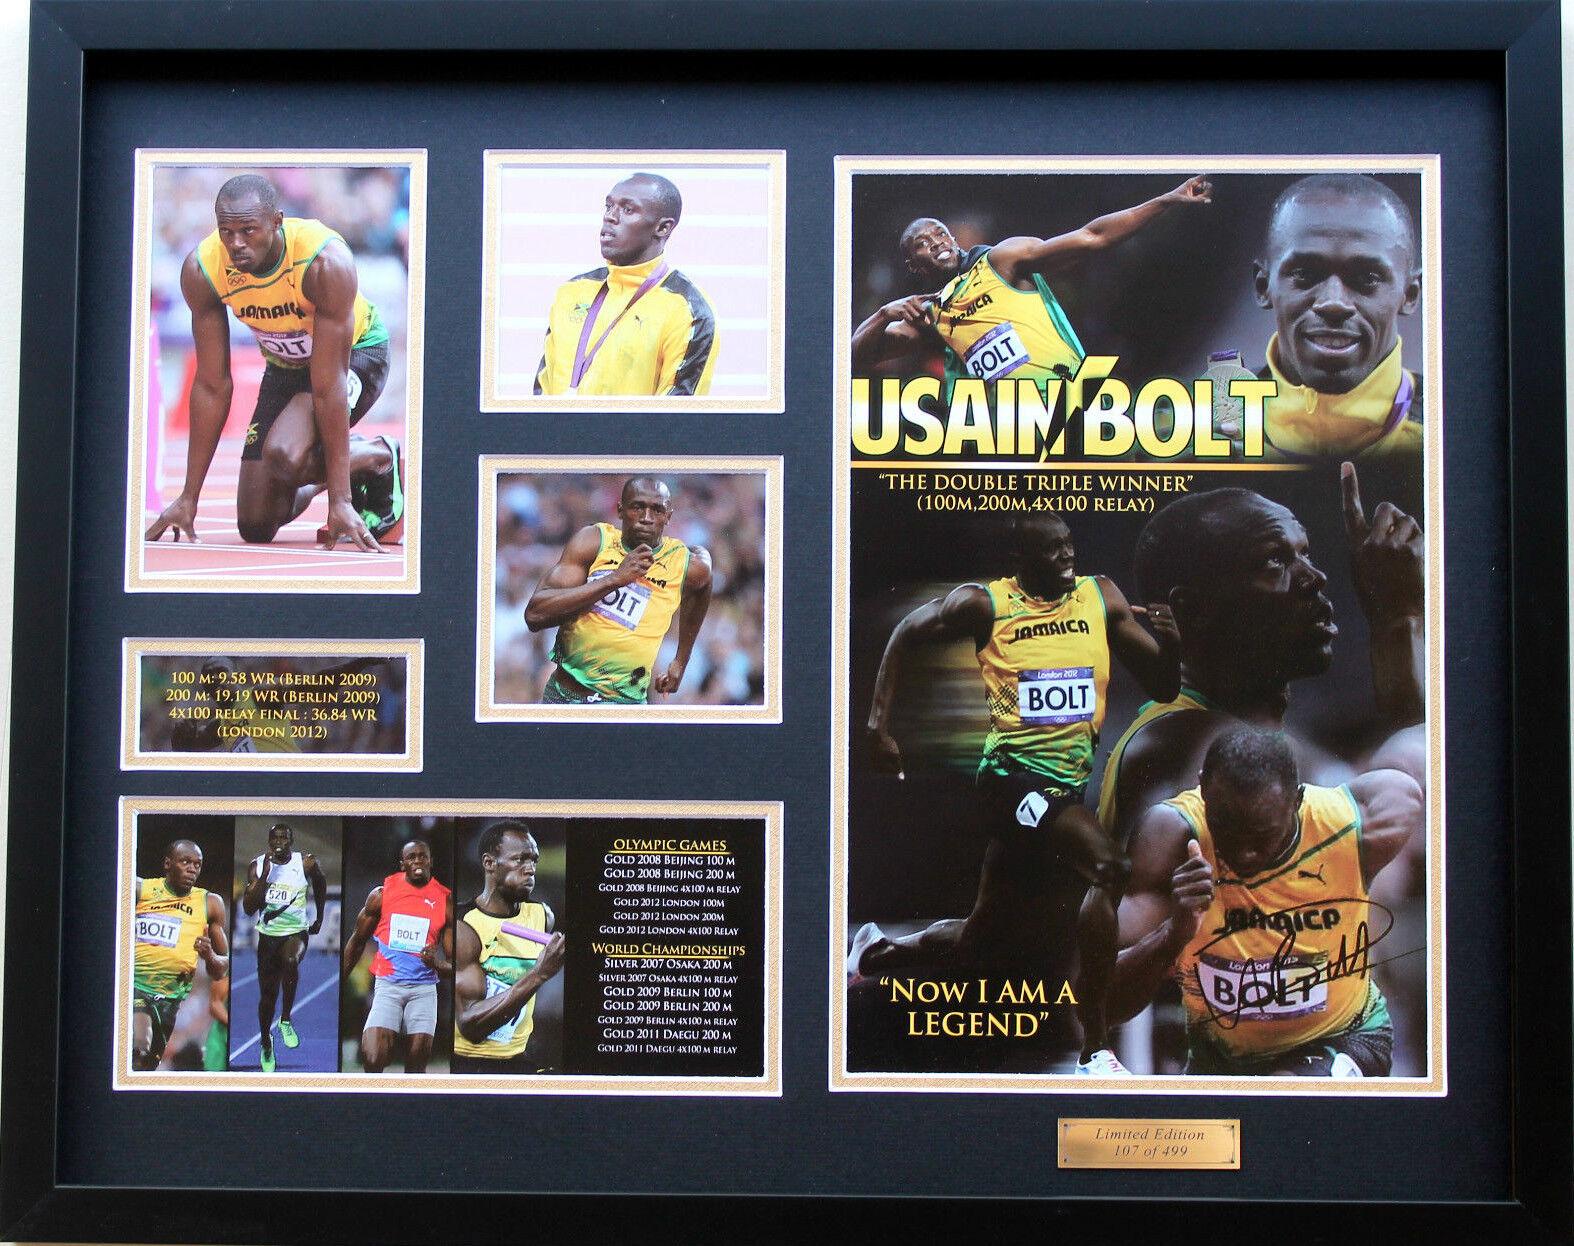 Nuevo De Usain Bolt Edición limitada firmada Memorabilia Enmarcado